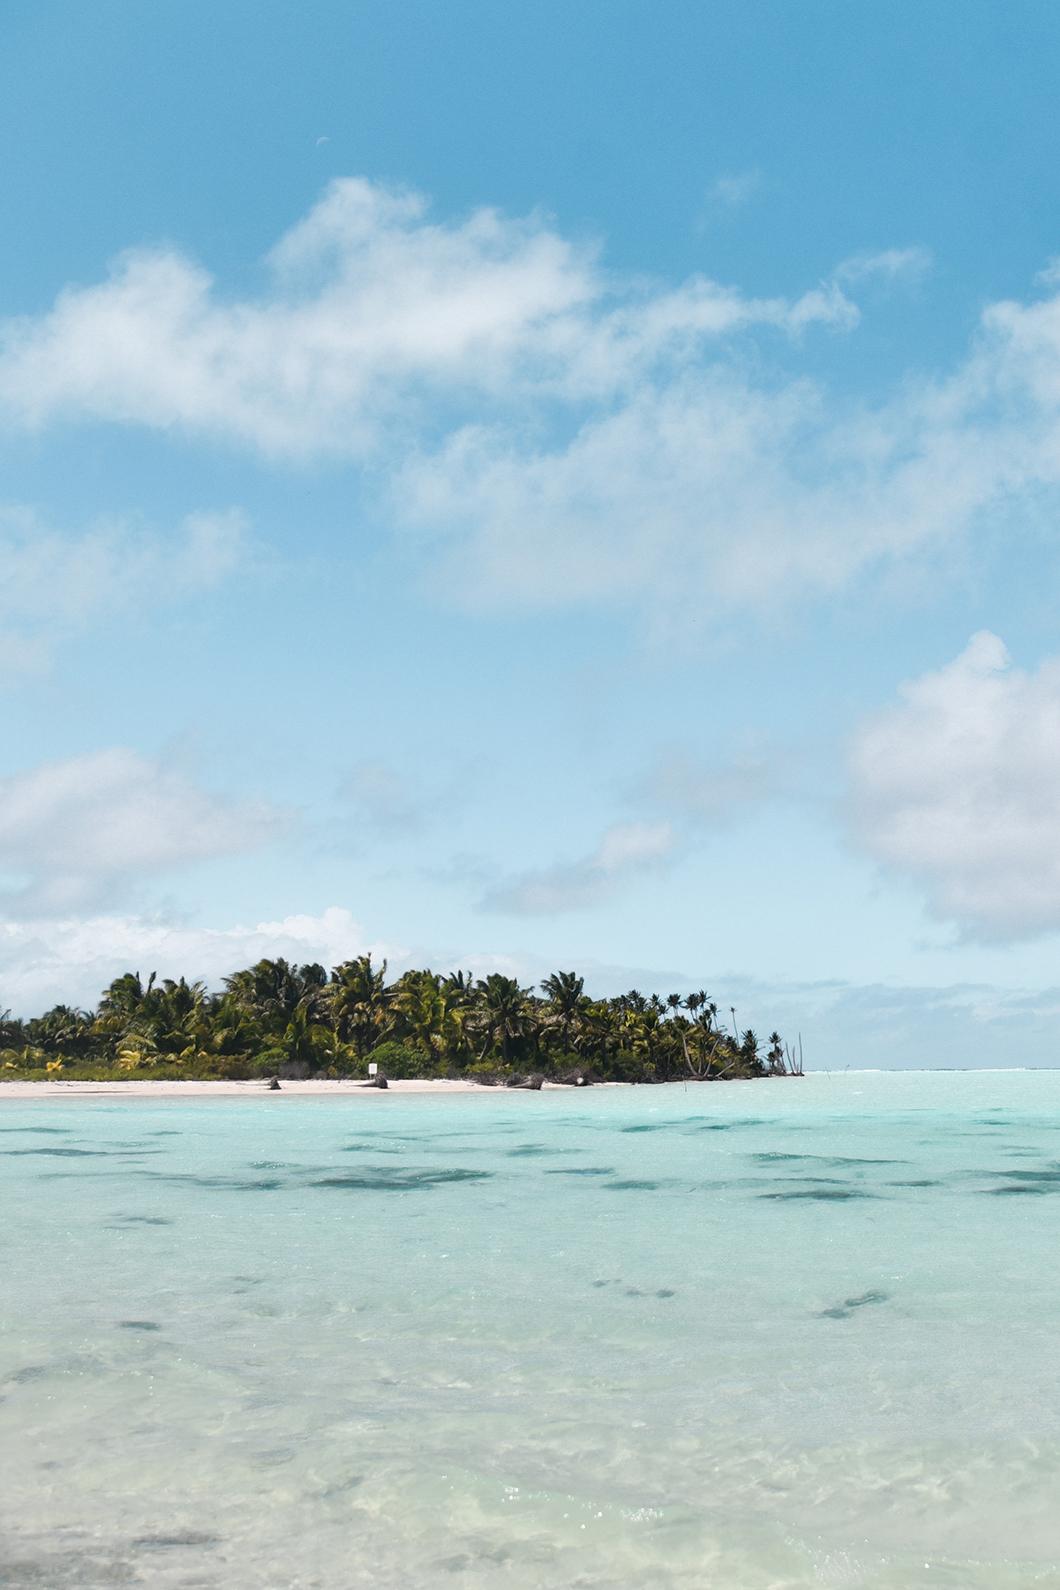 L'île de Tetiaroa, incontournable en Polynésie Française